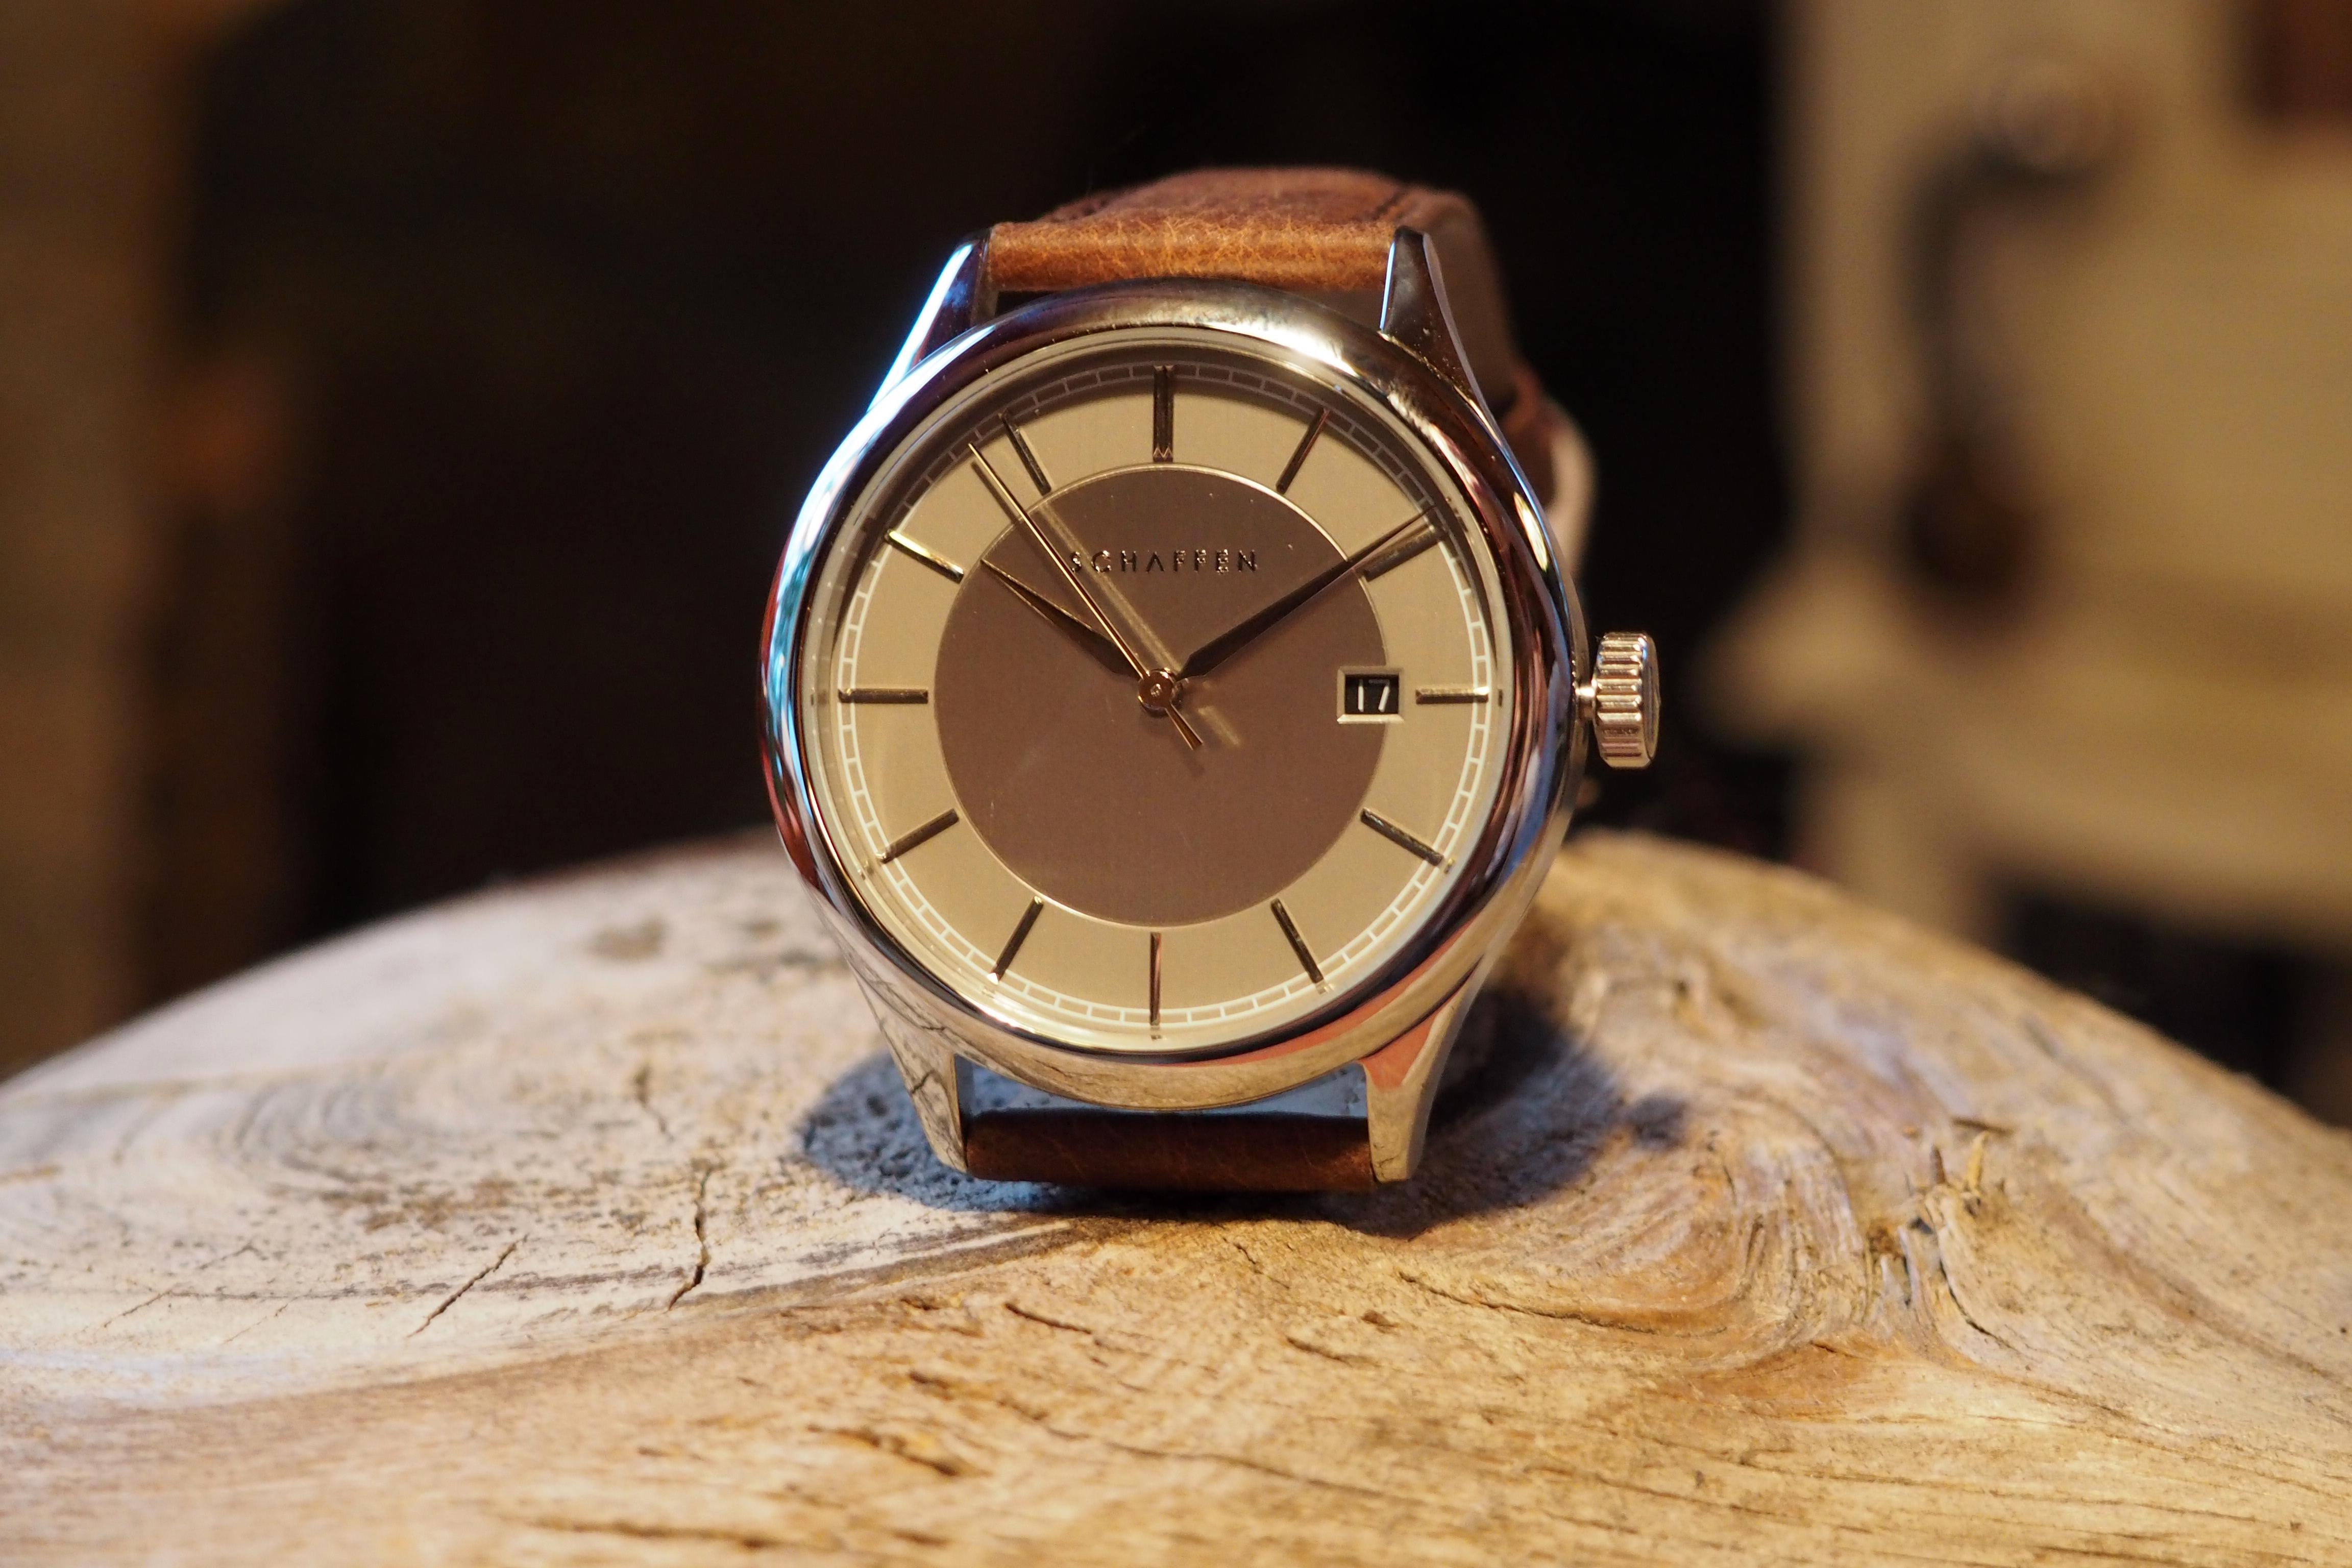 Schaffen A65 Dress Watch Review